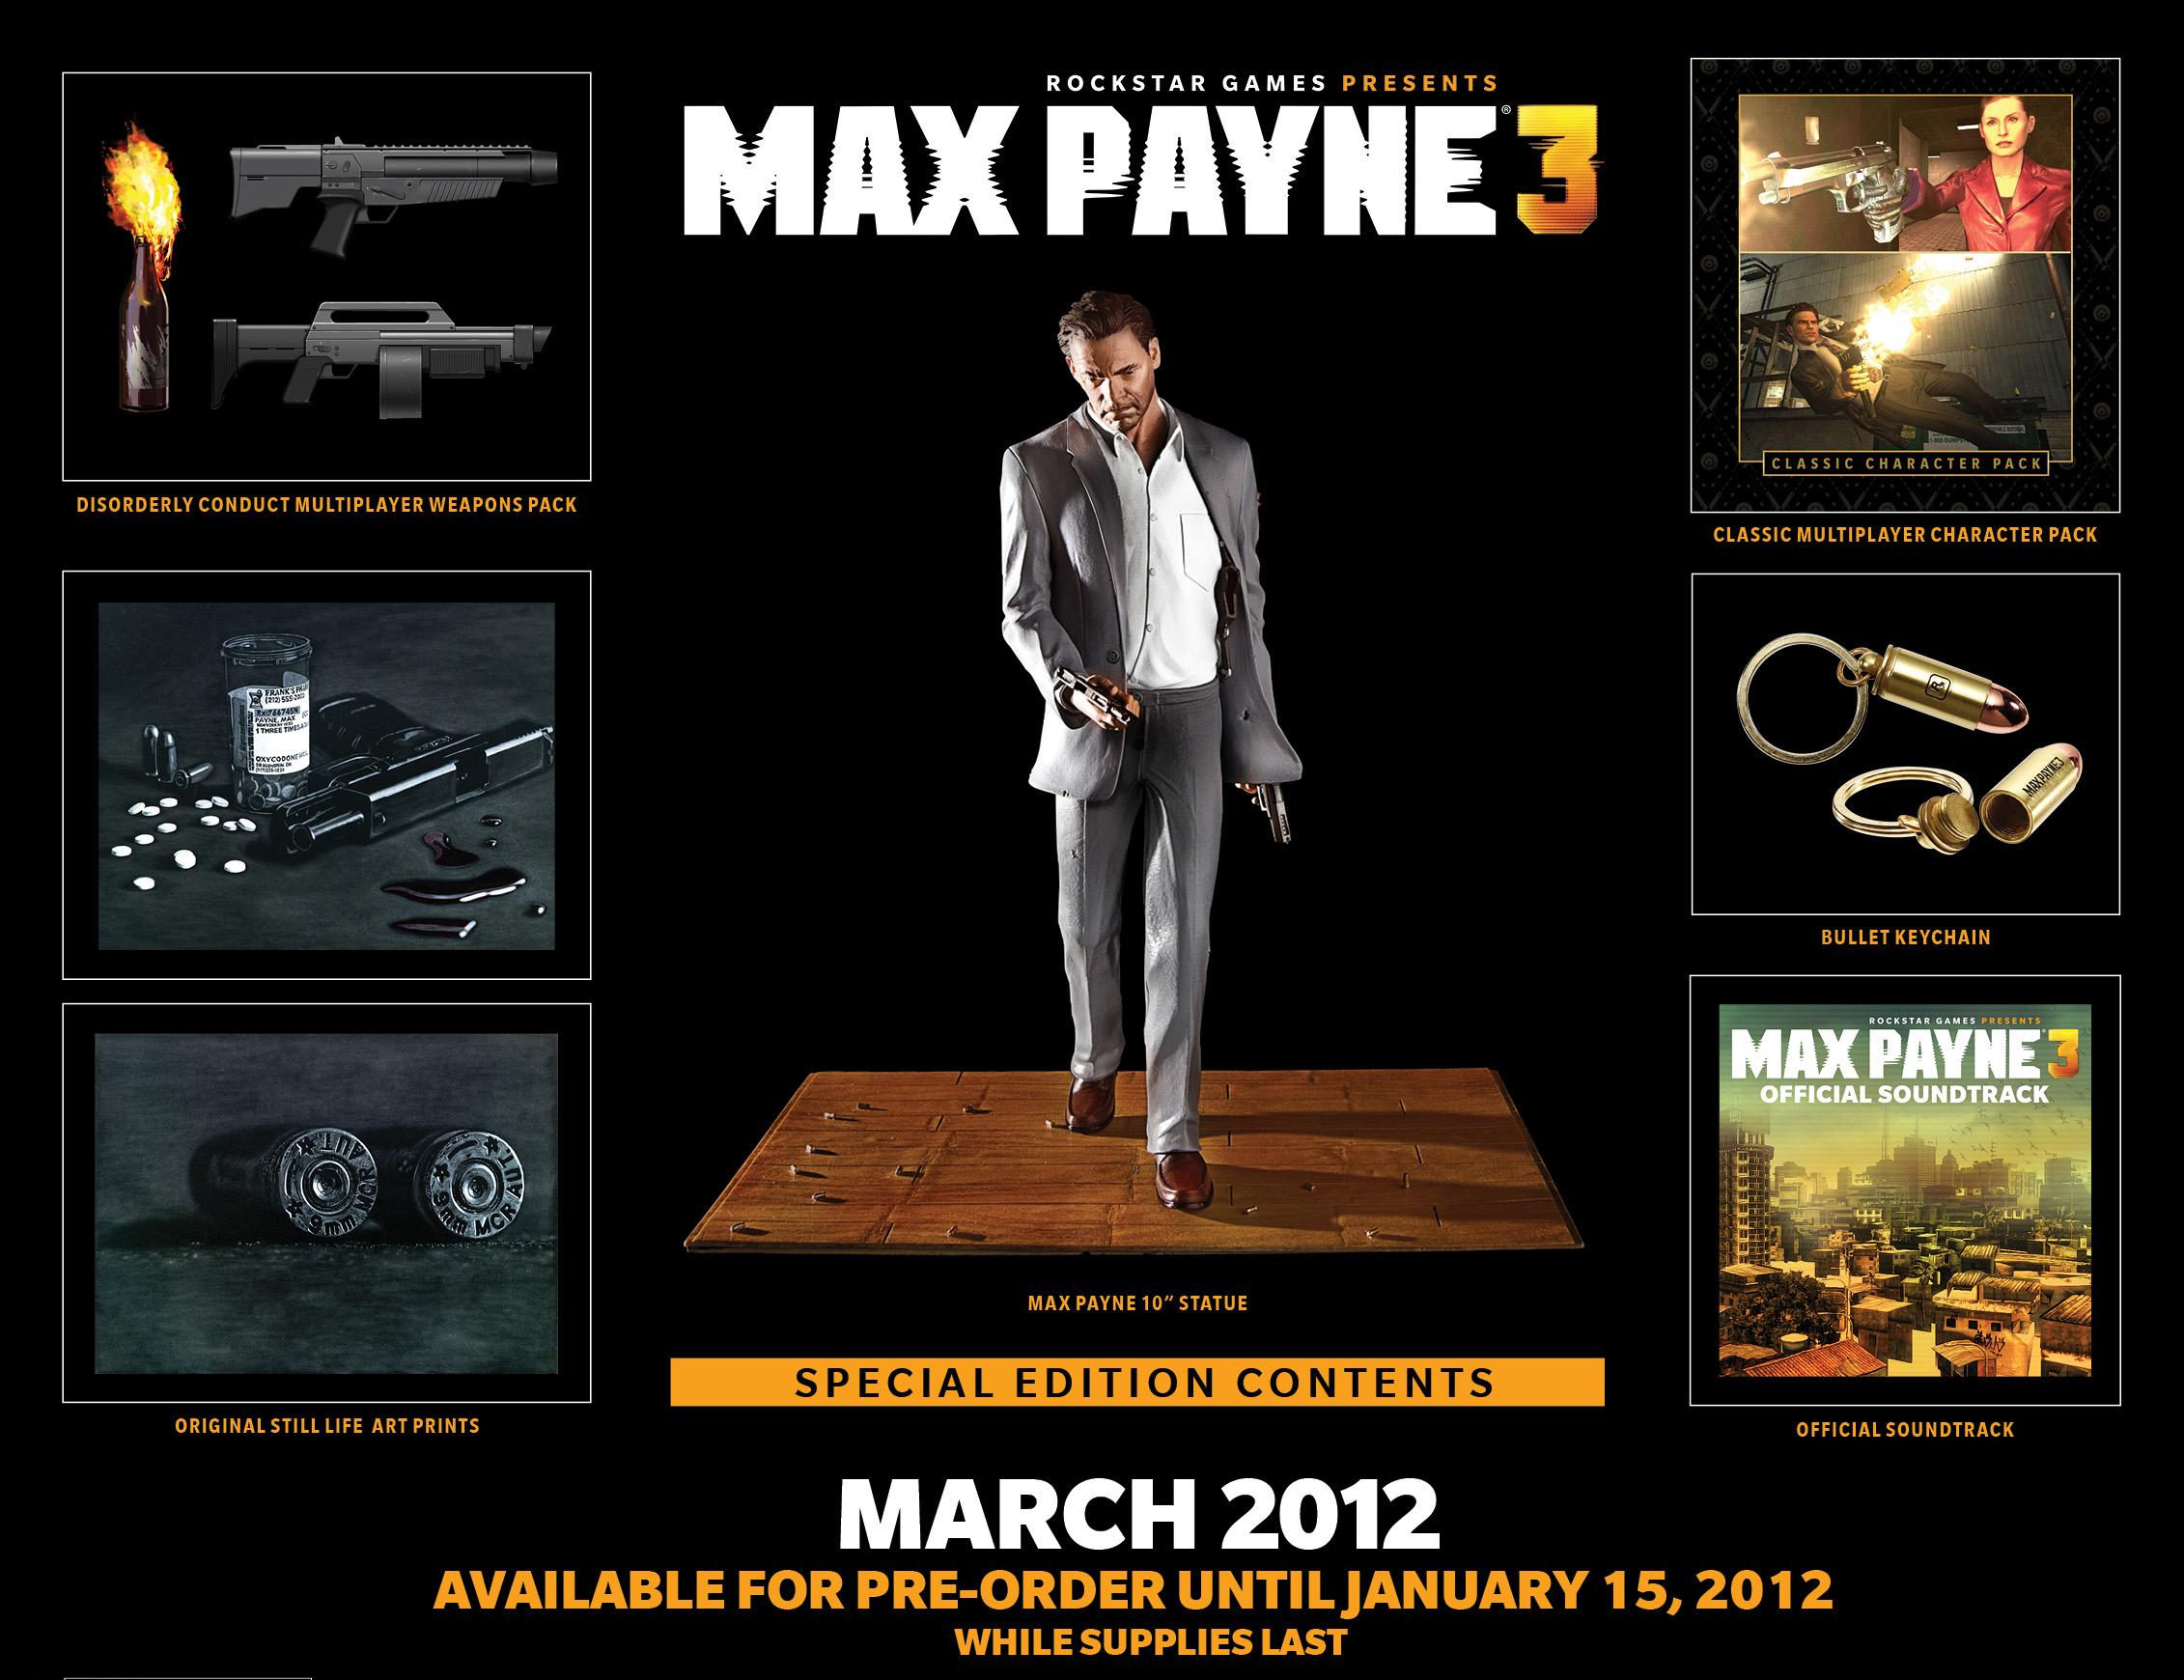 La Mafia del misterio - Portal Maxpayne3_specialedition_large0111212011